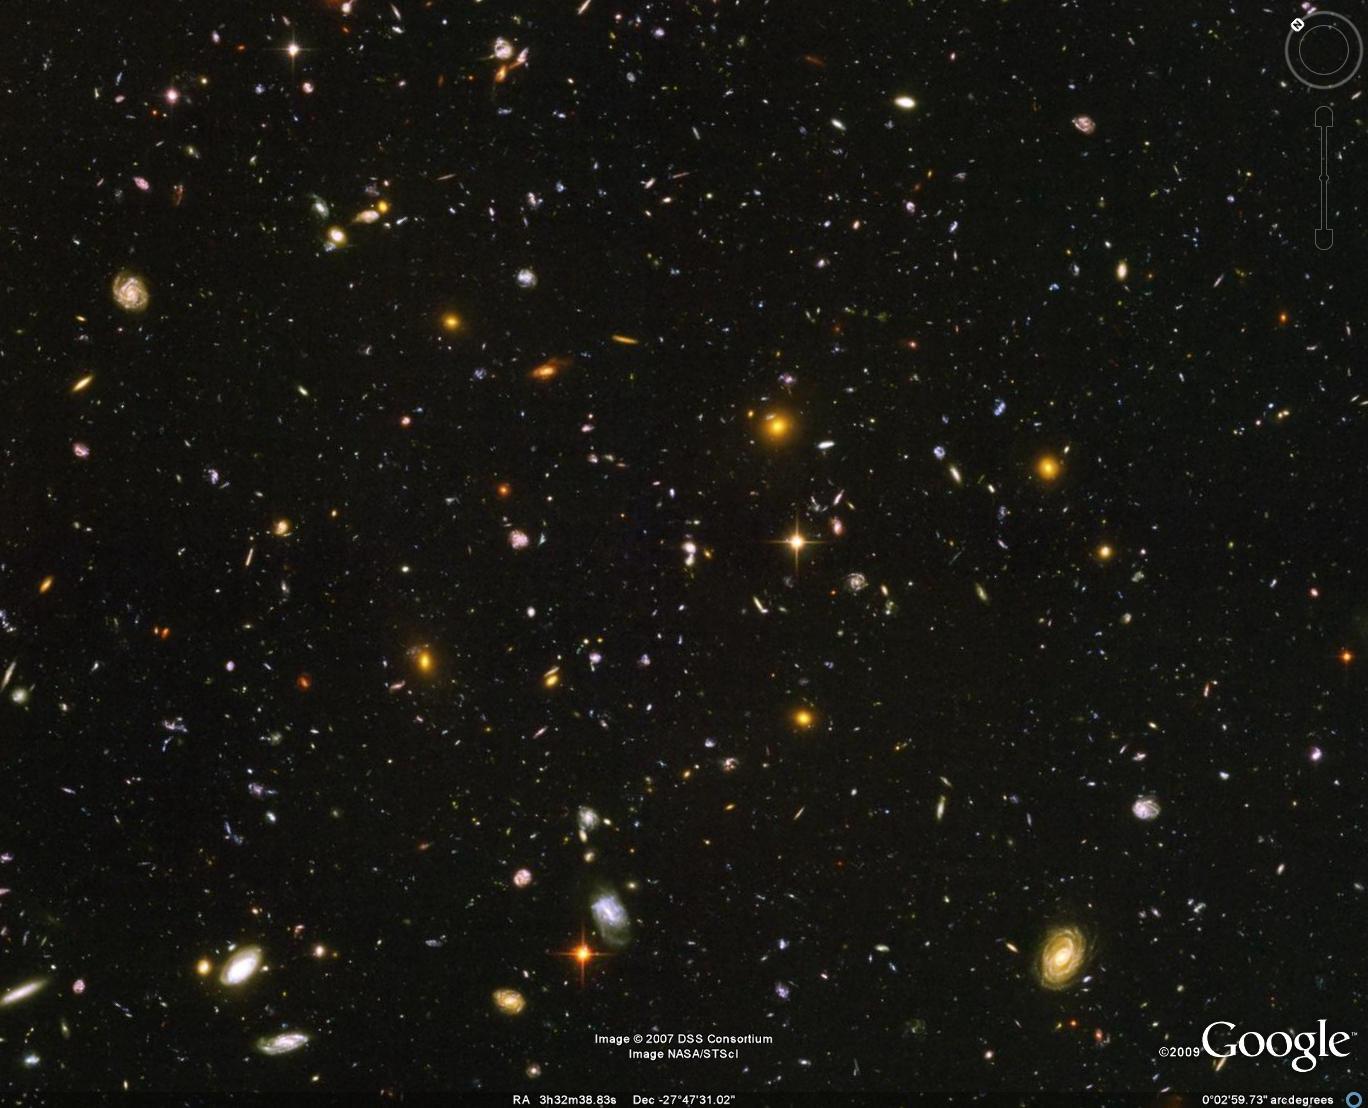 كمية هائلة من المجرات